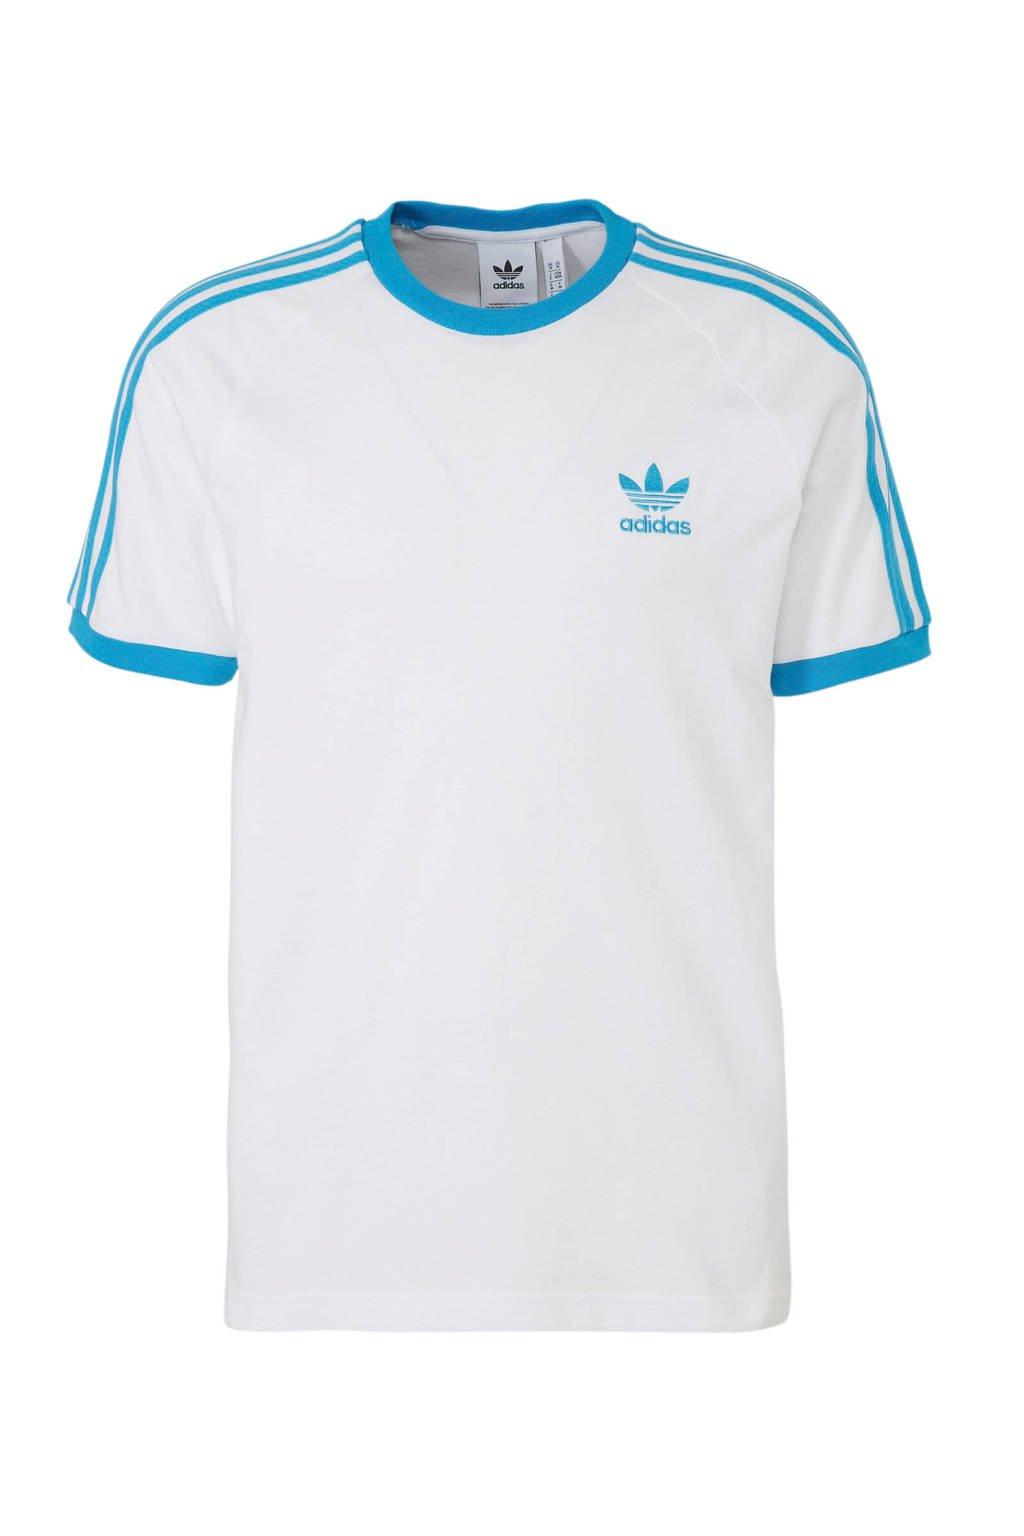 adidas Originals T-shirt wit, Wit/blauw